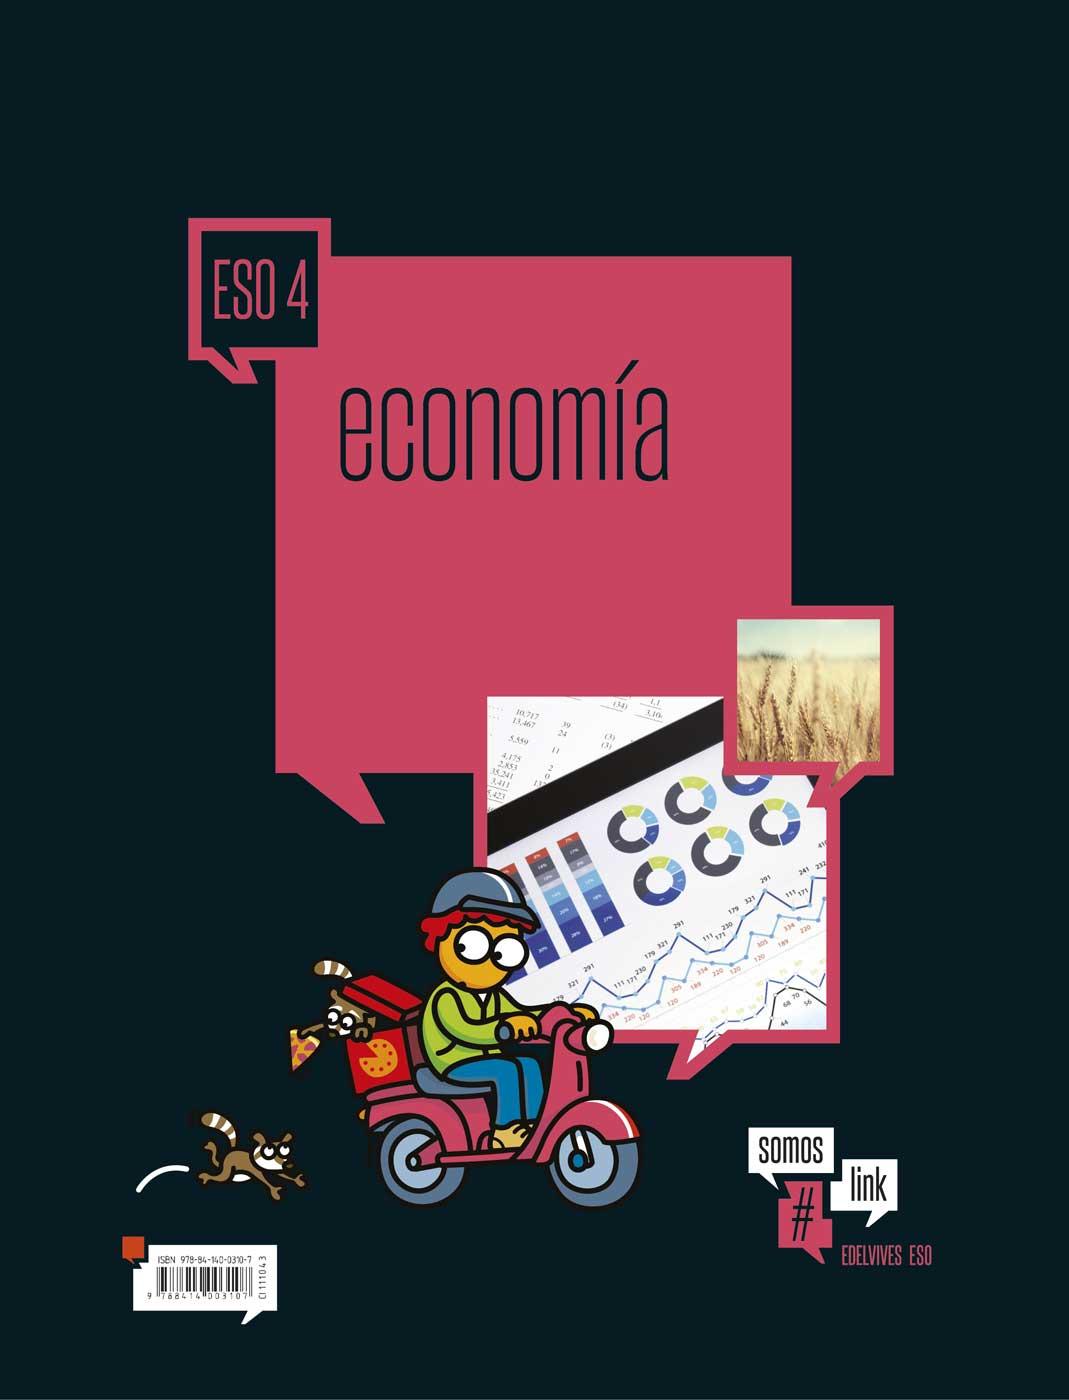 Solucionario Economia 4 ESO Edelvives